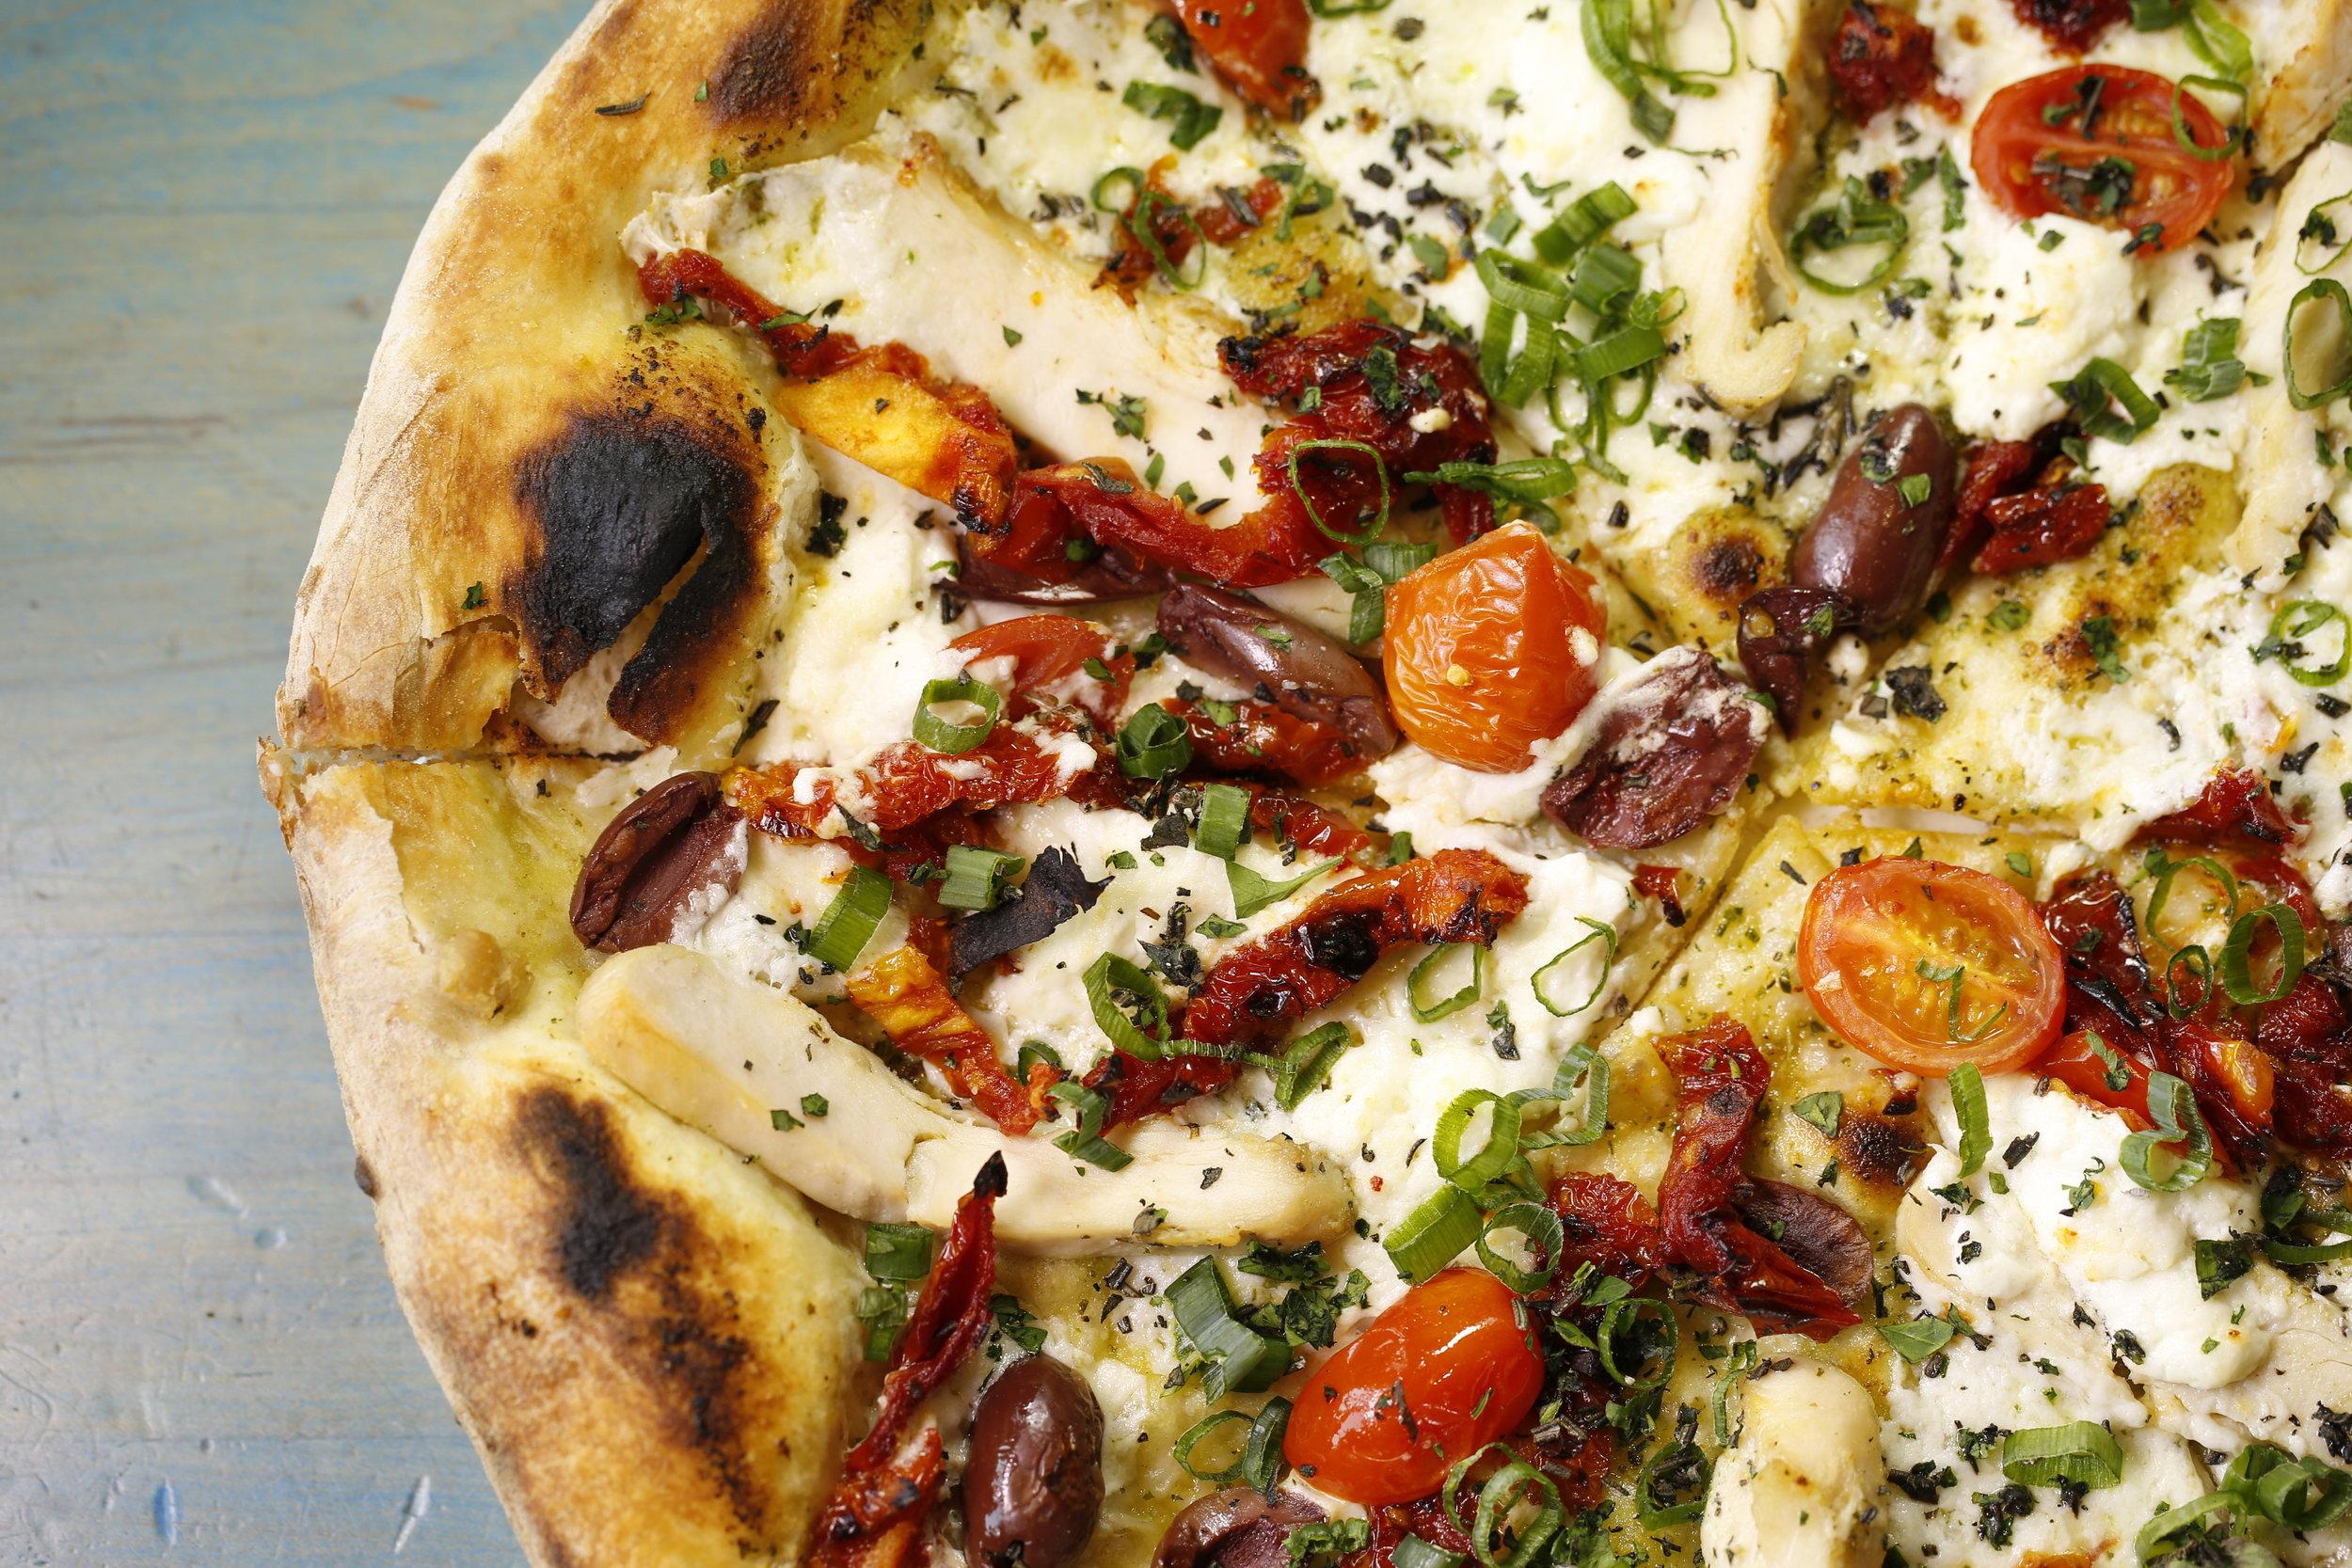 Via baci modern Italian kitchen + bar